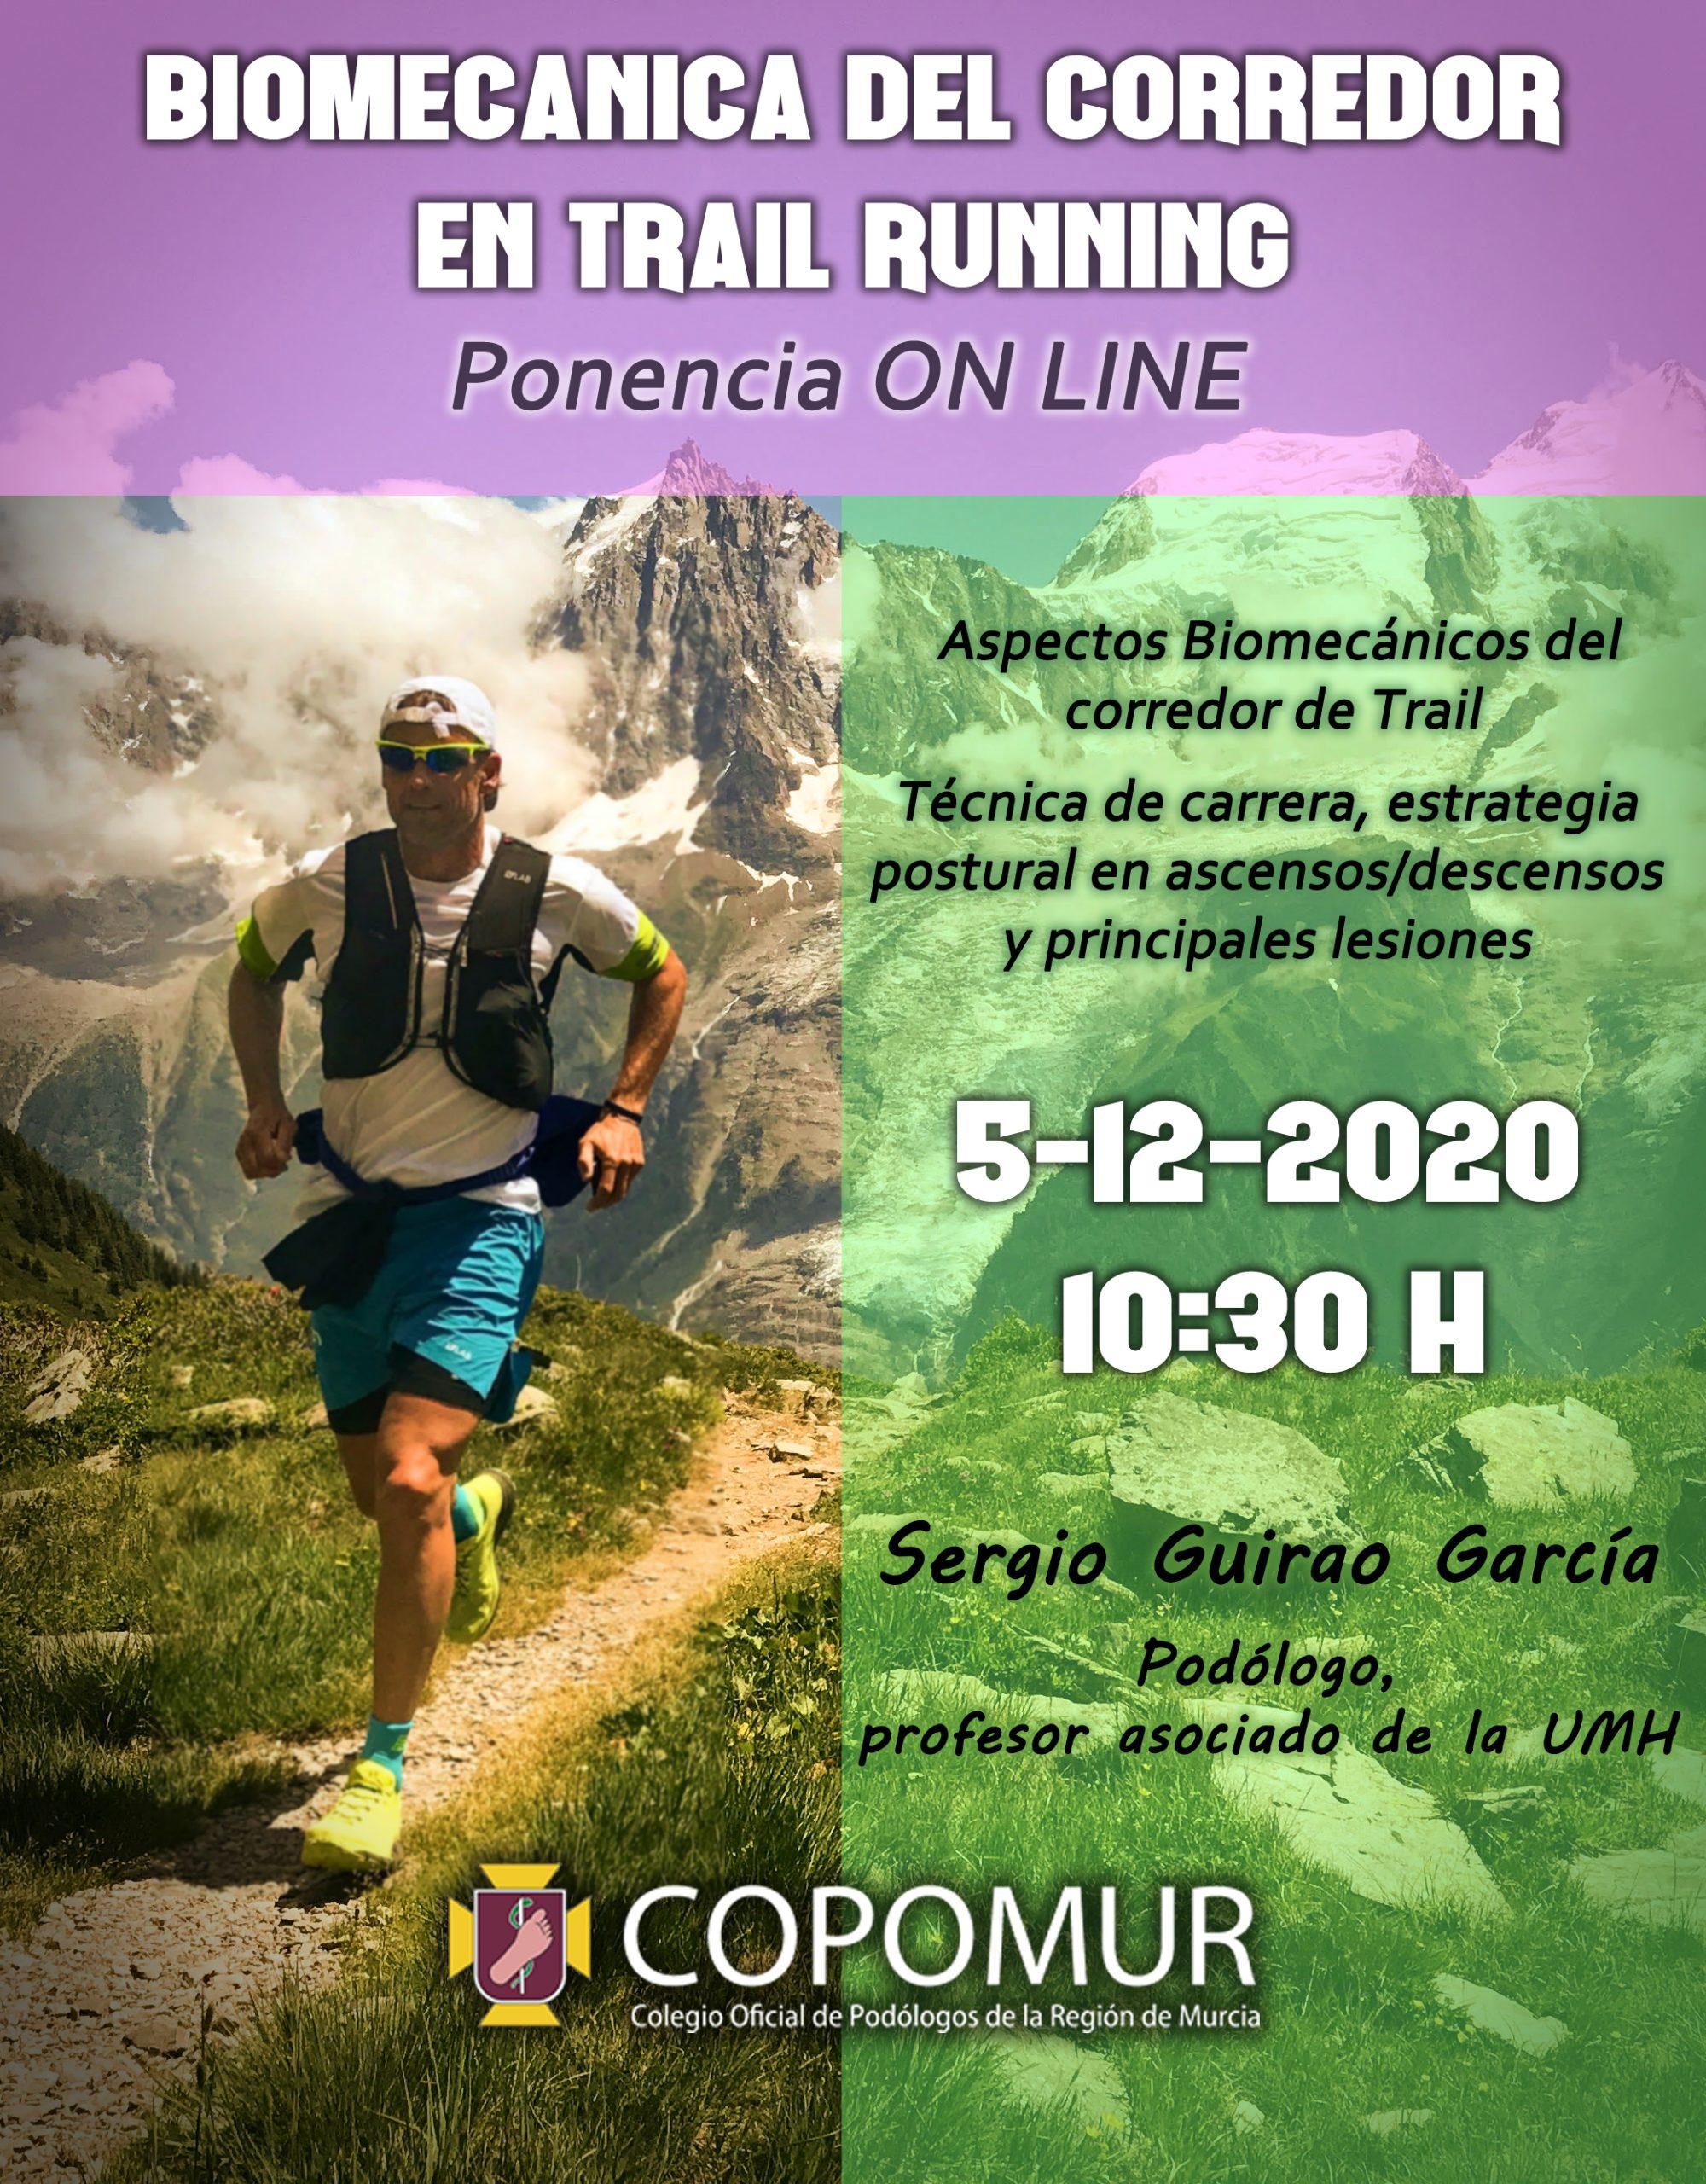 PONENCIA ONLINE. BIOMECÁNICA DEL CORREDOR EN TRAIL RUNNING.